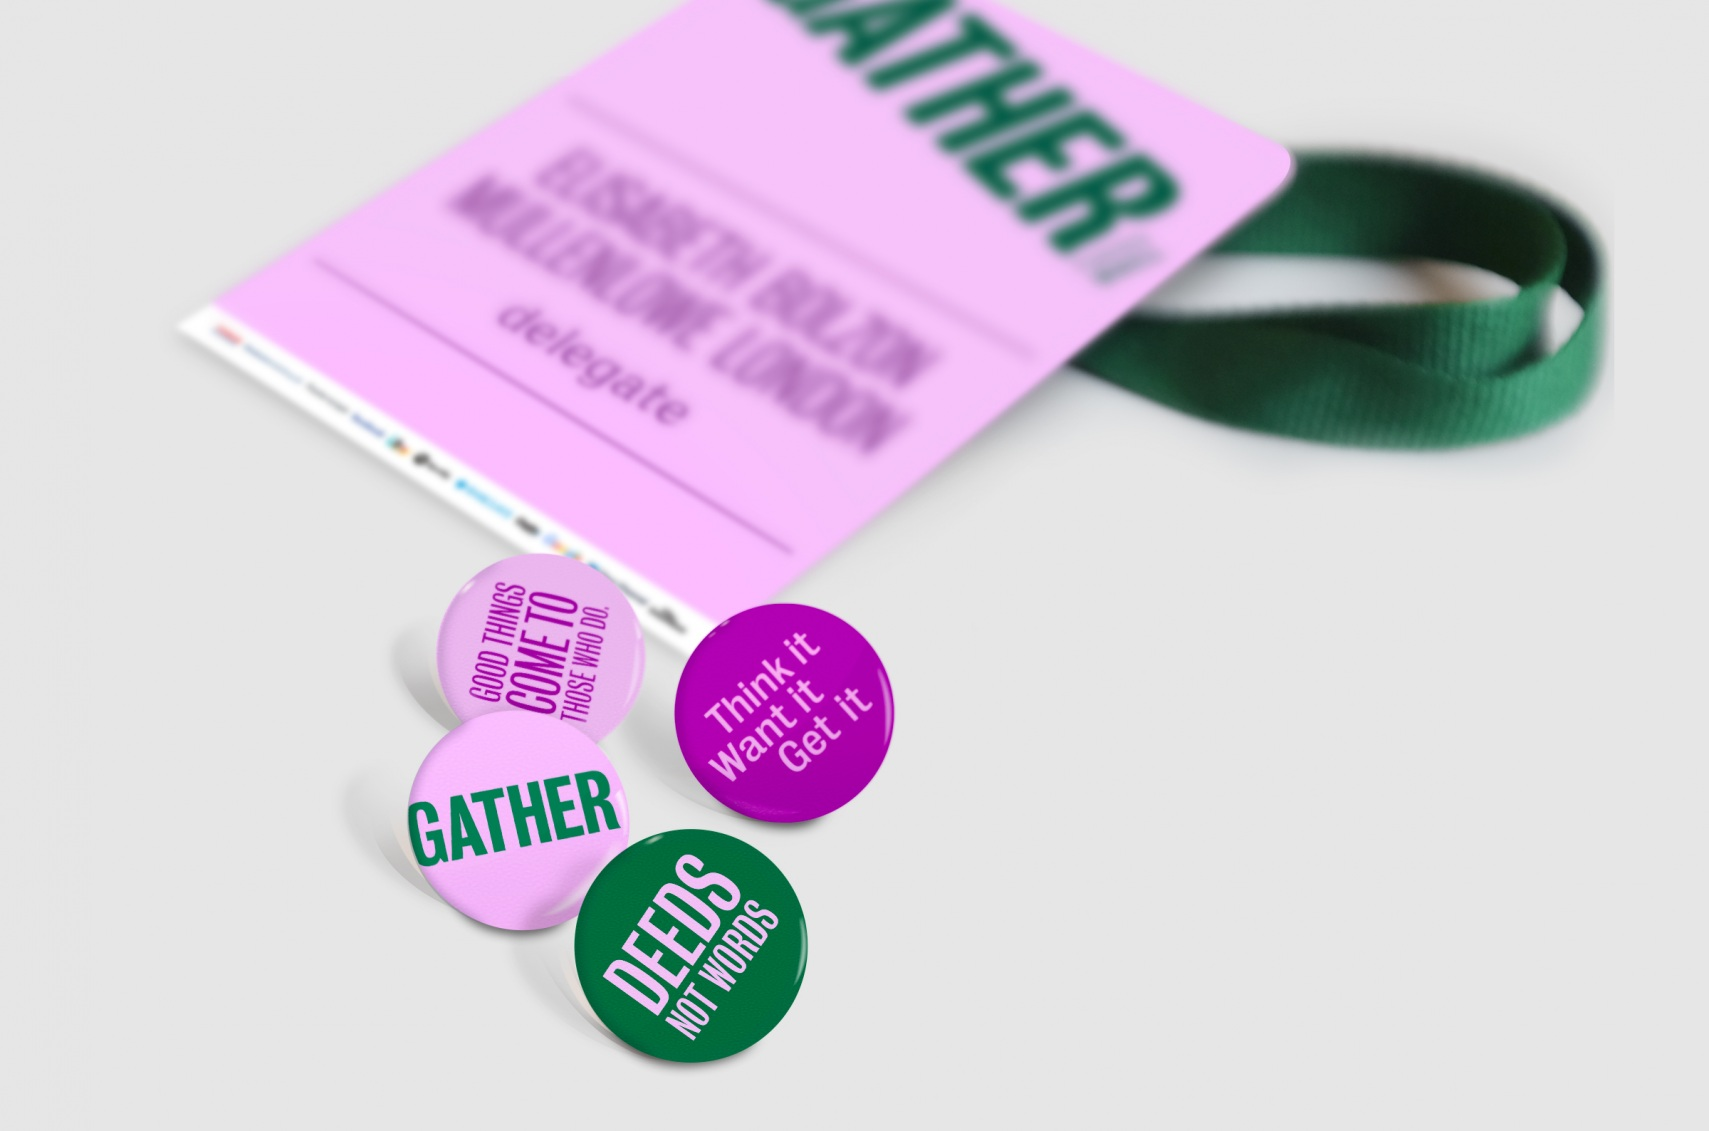 Gather2018_badges_lanyard2.jpg